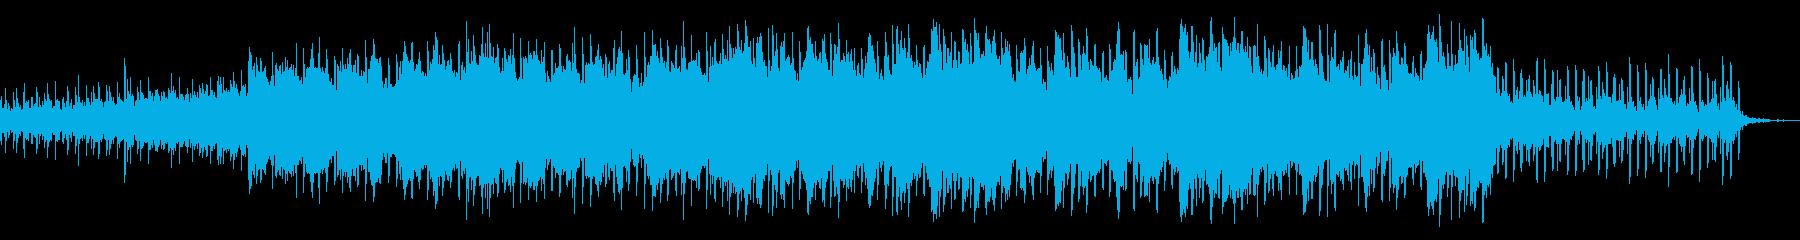 モダン テクノ アンビエント 透明...の再生済みの波形